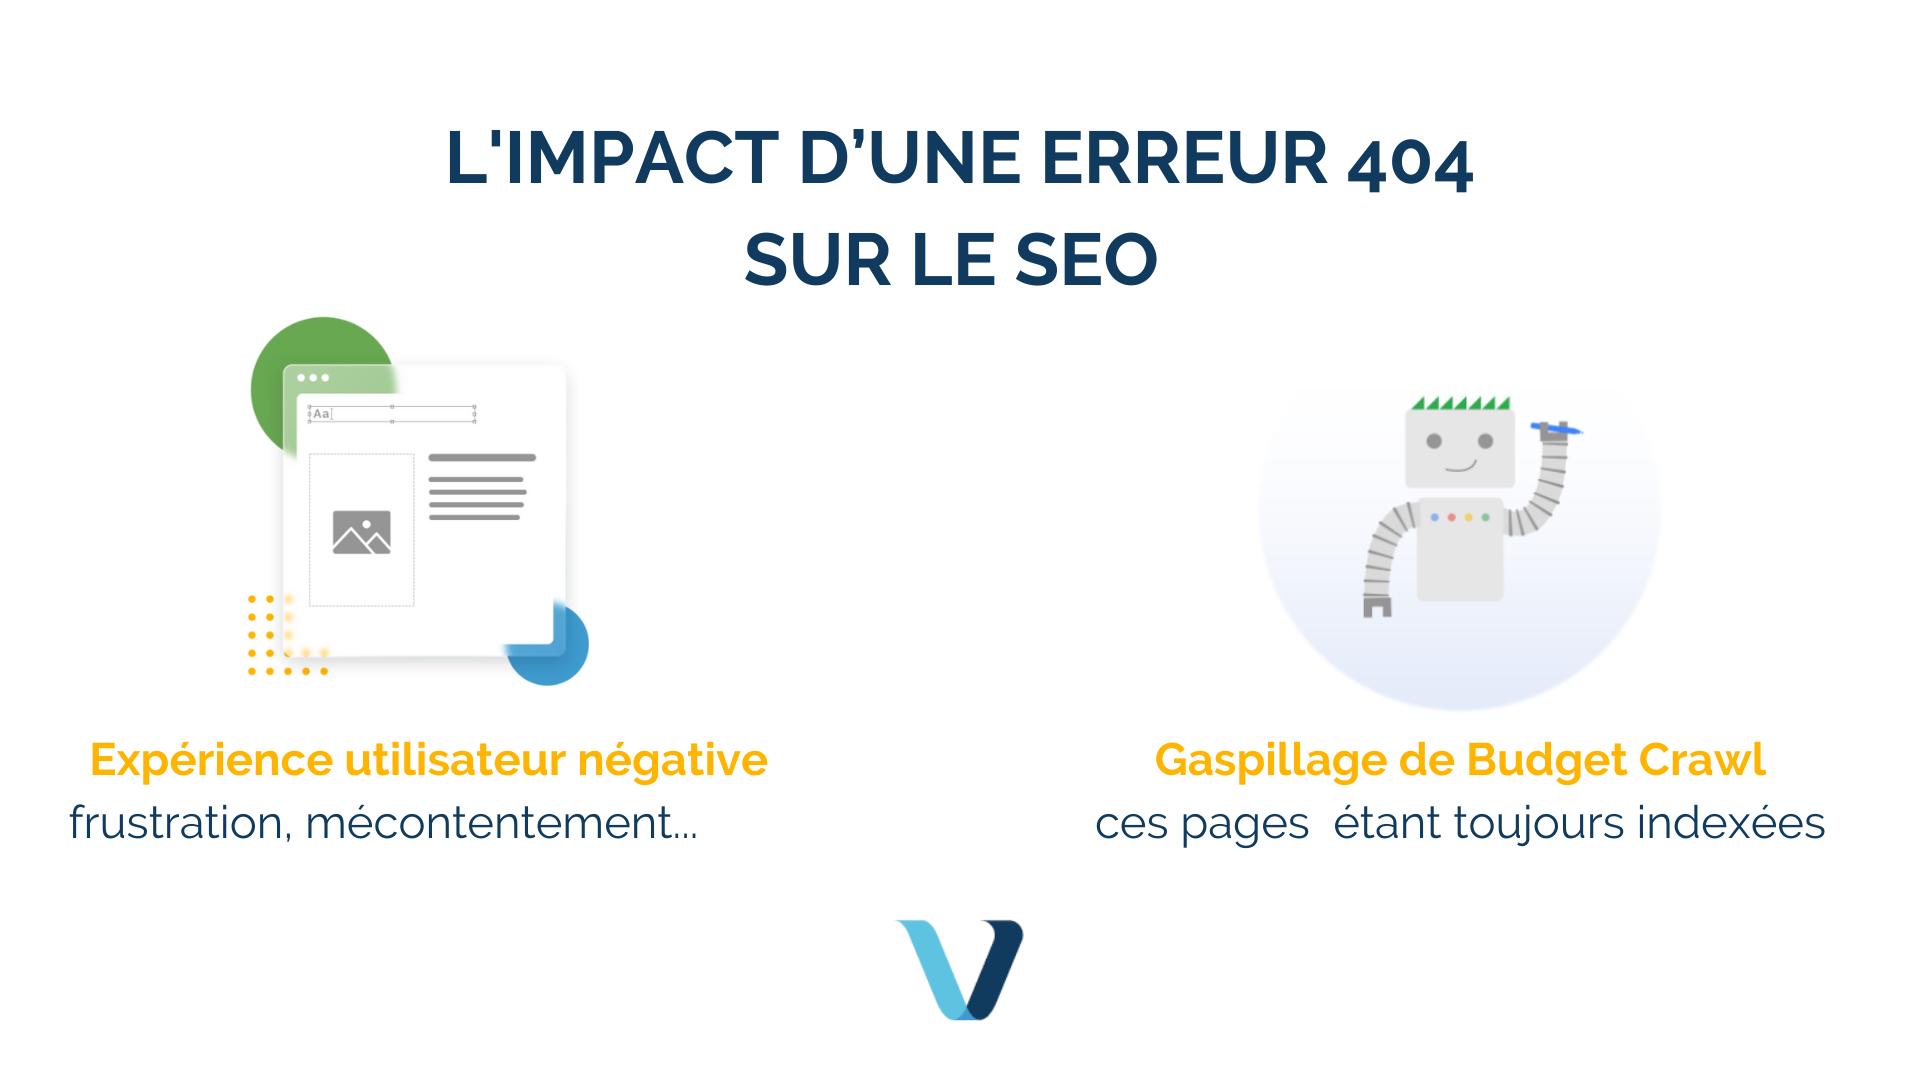 Quel est l'impact d'une erreur 404 sur le SEO ?